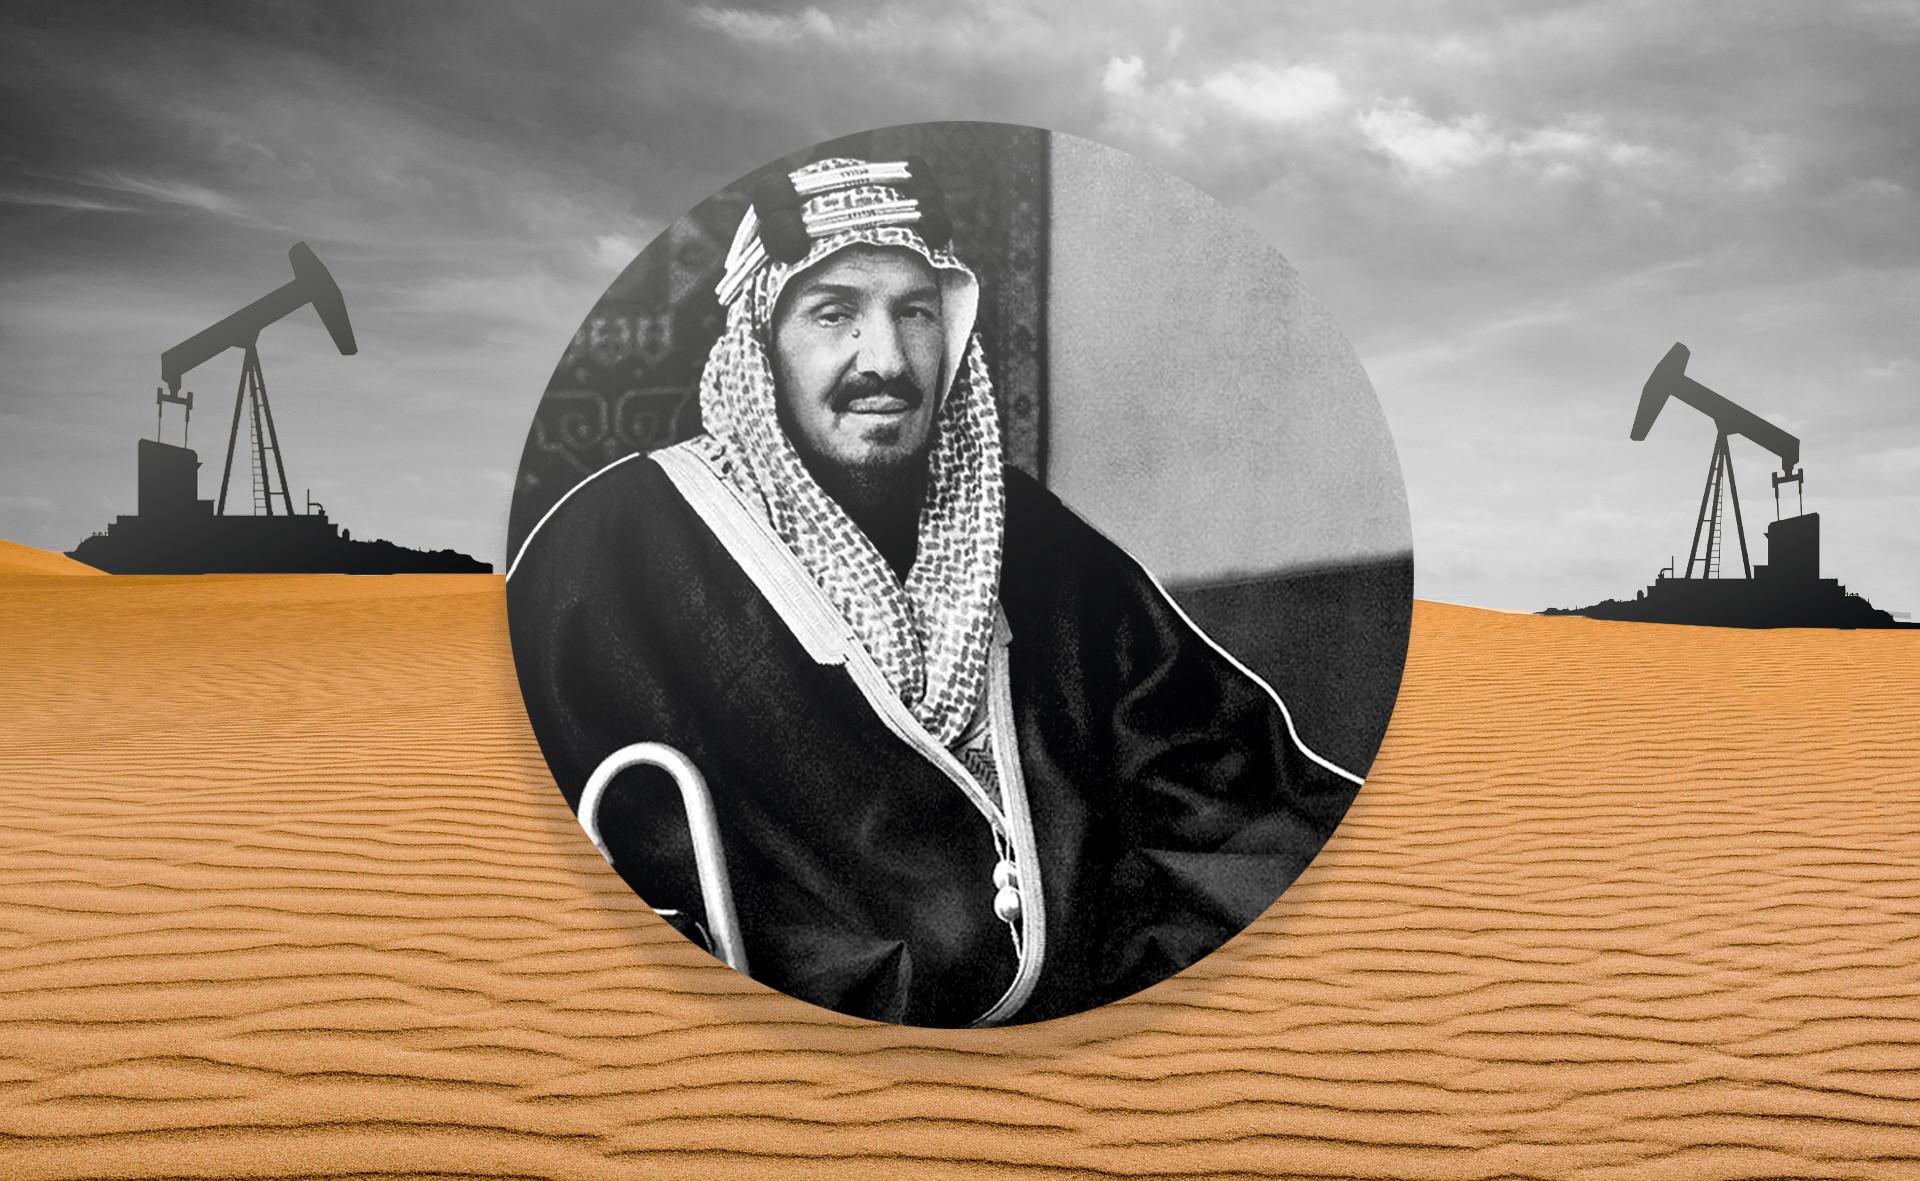 Абд-аль-Азиз ибн Абд-ар-Рахман Аль Сауд, первый король Саудовской Аравии.